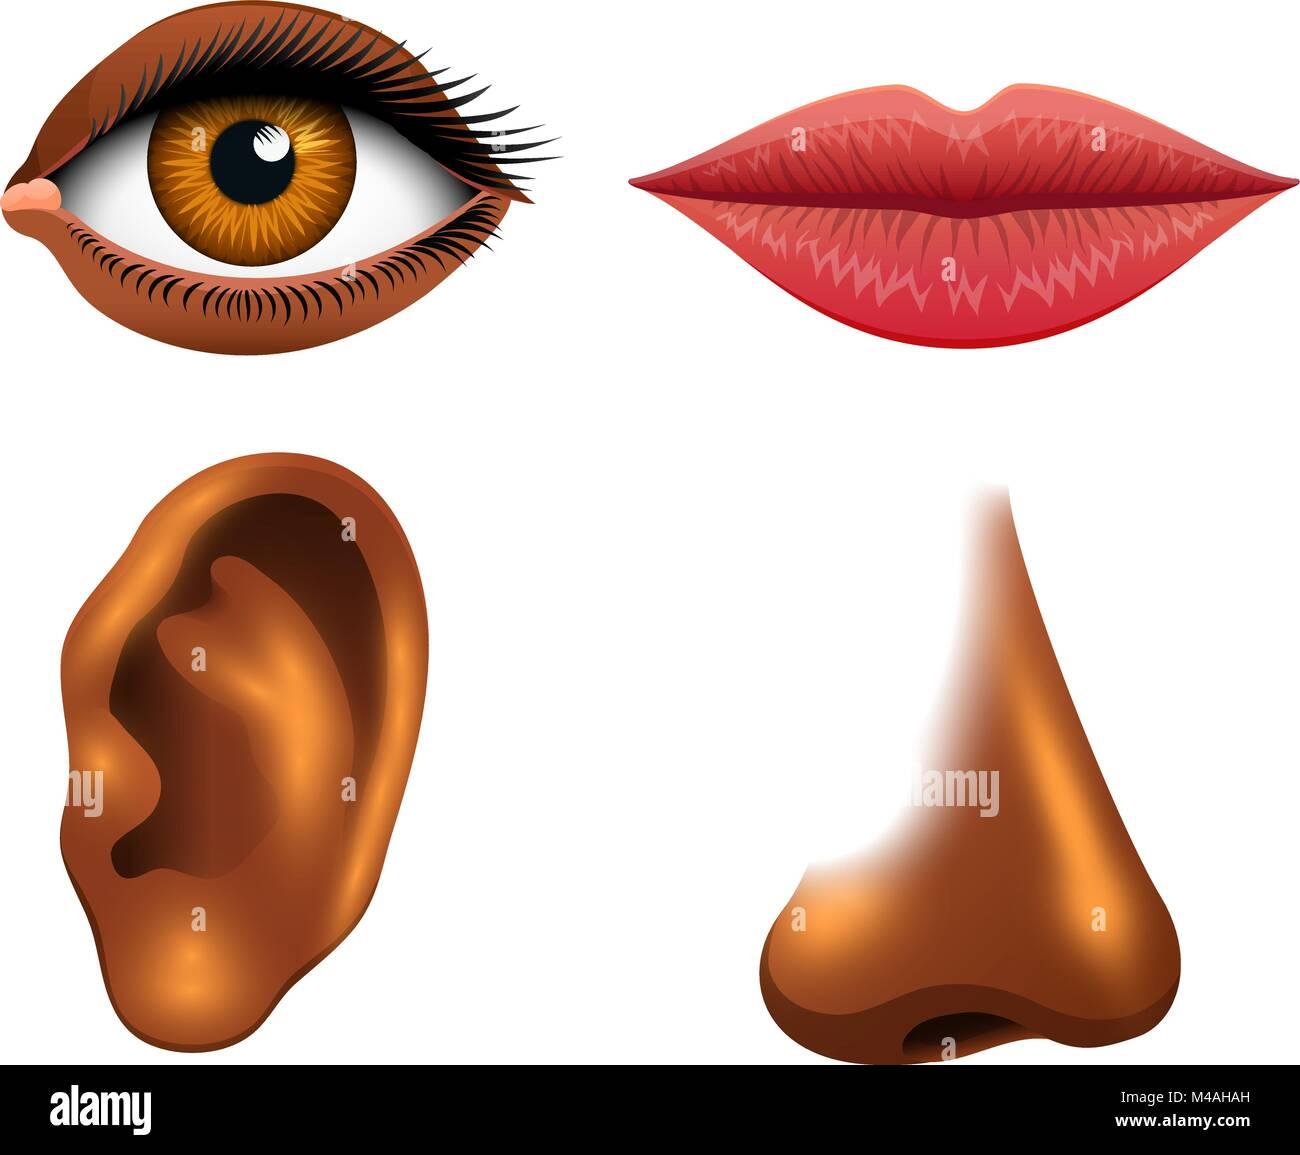 Die menschliche Biologie, Sinnesorgane, Anatomie Illustration ...